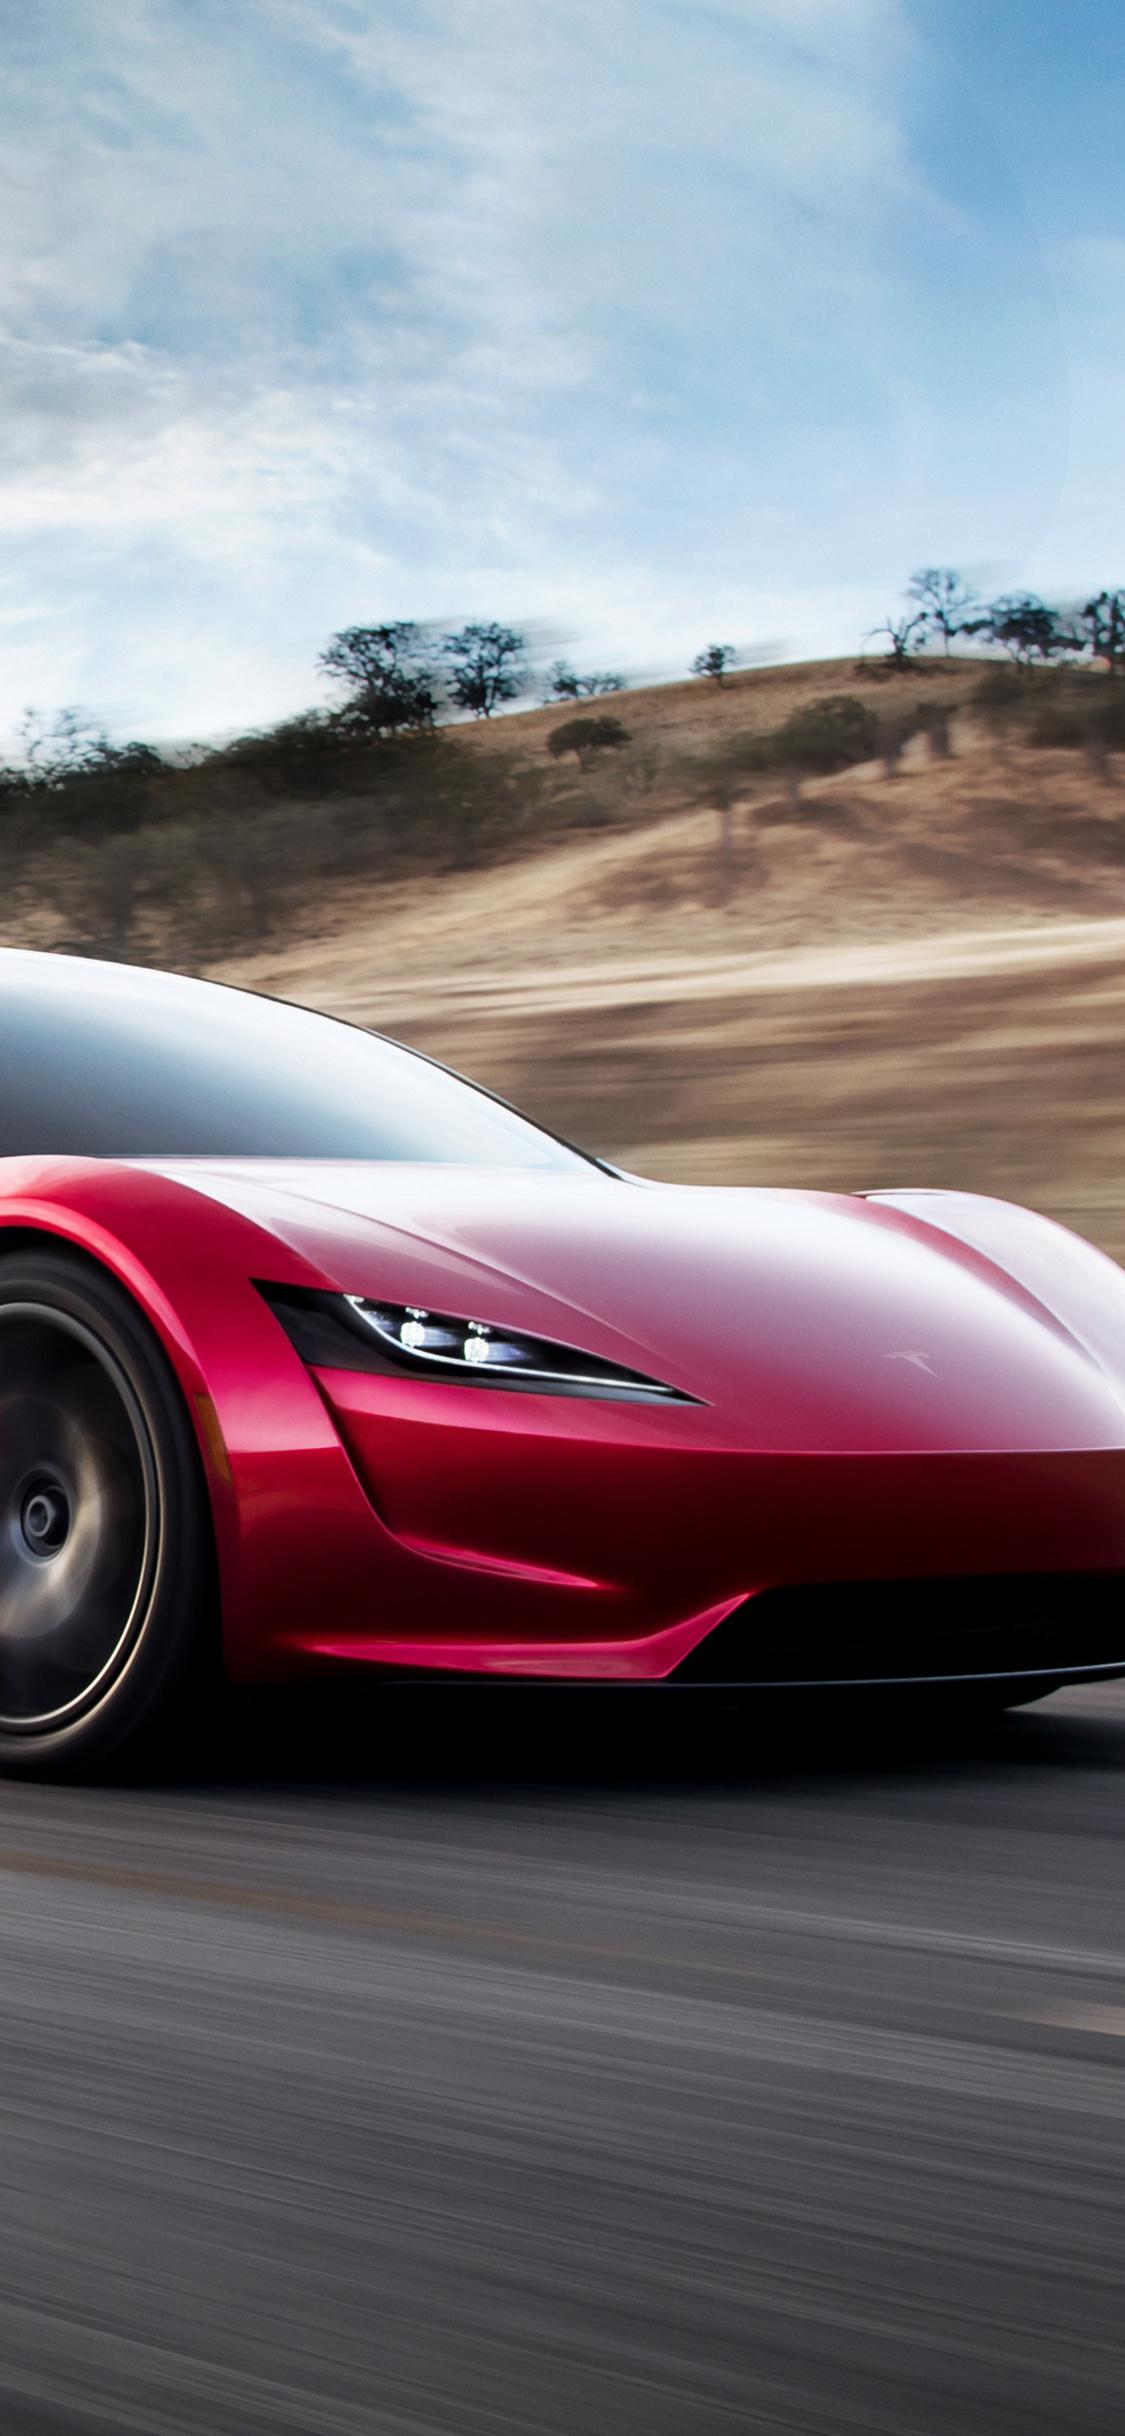 1125x2436 Tesla Roadster 4k Iphone Xs Iphone 10 Iphone X Hd